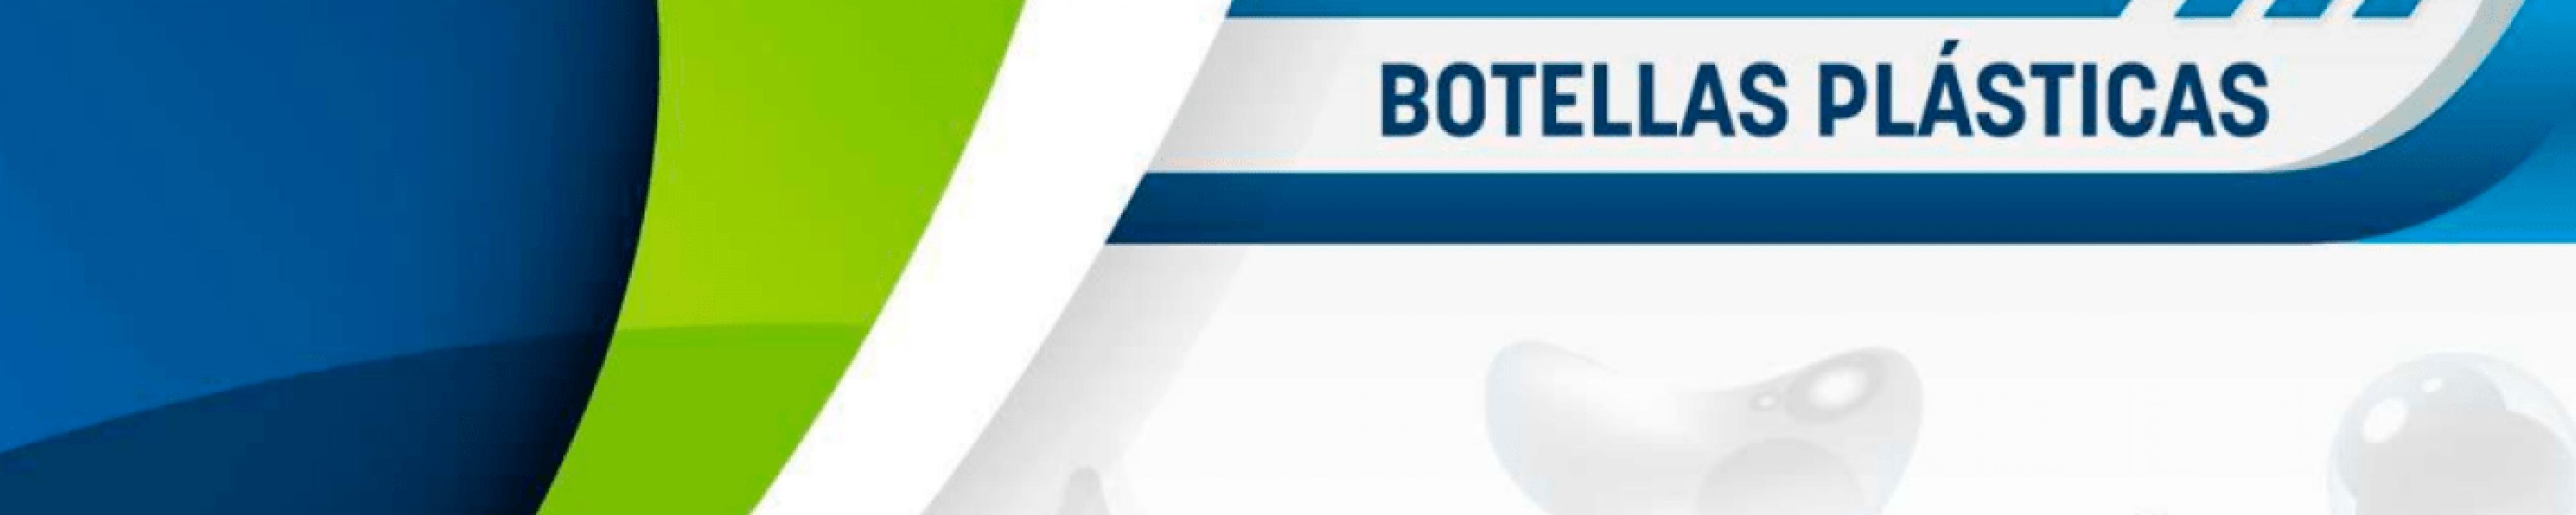 Botellas-desarrollo-de-producto